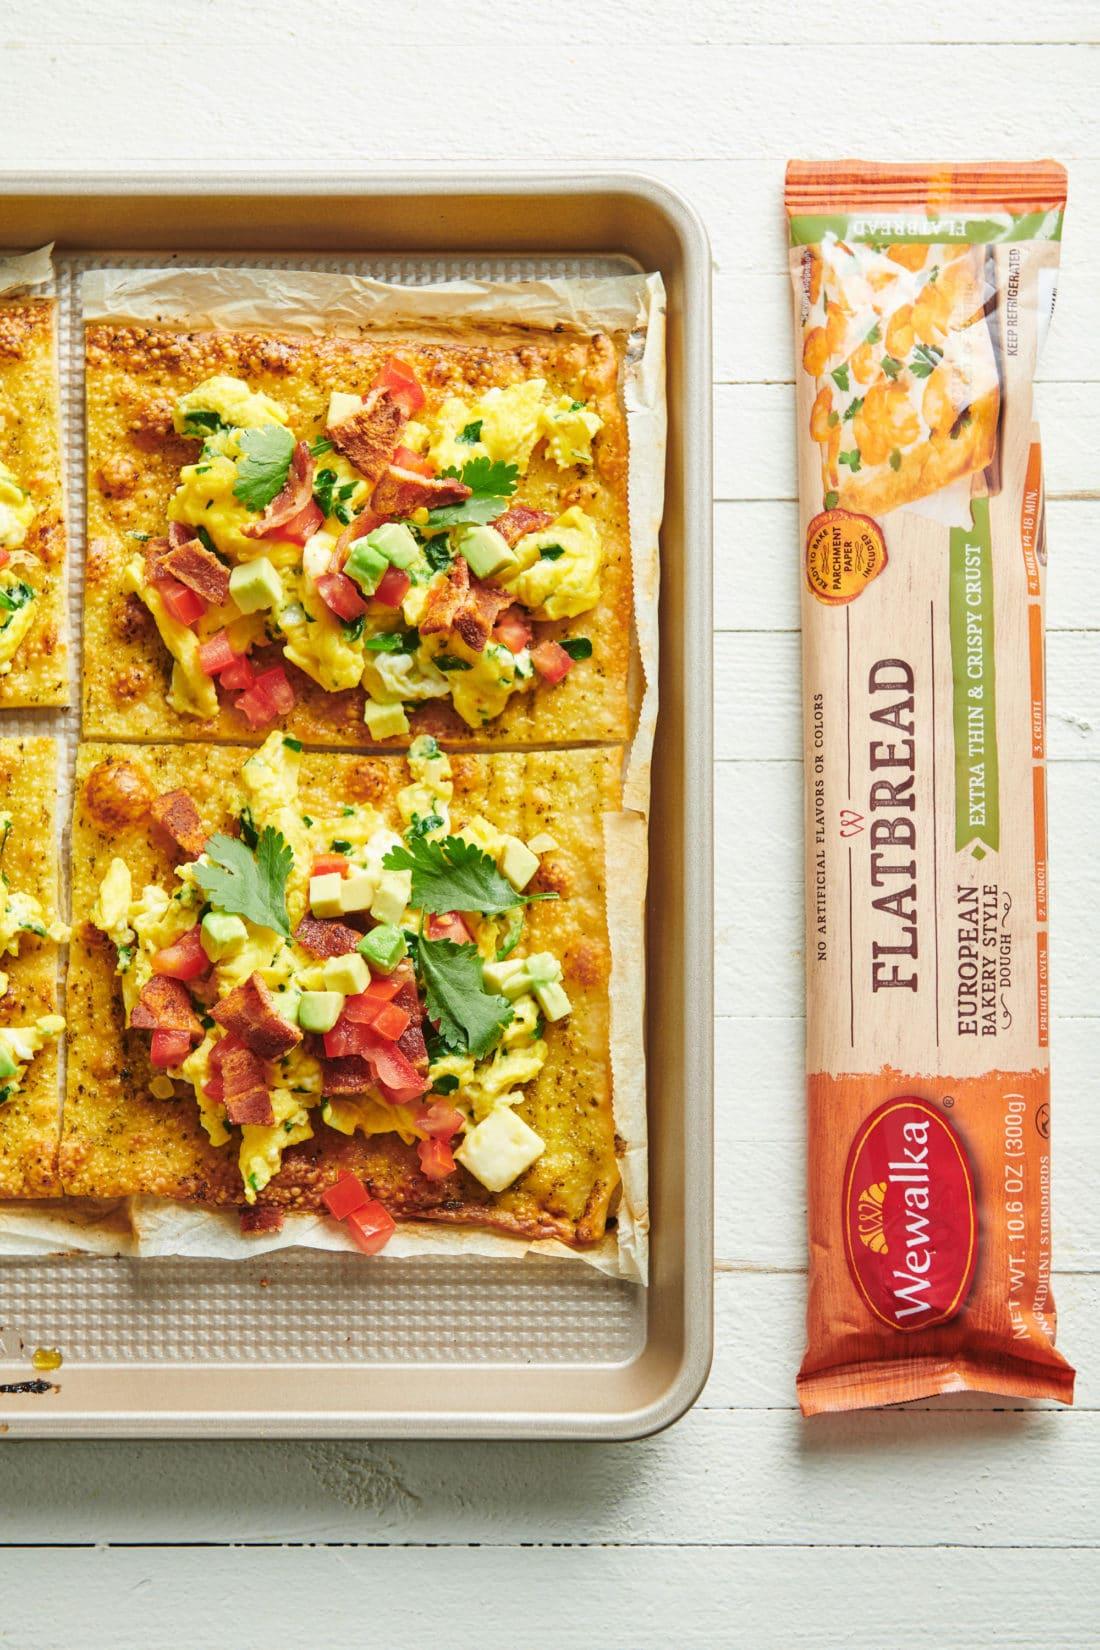 Open Faced Flatbread Breakfast Sandwiches